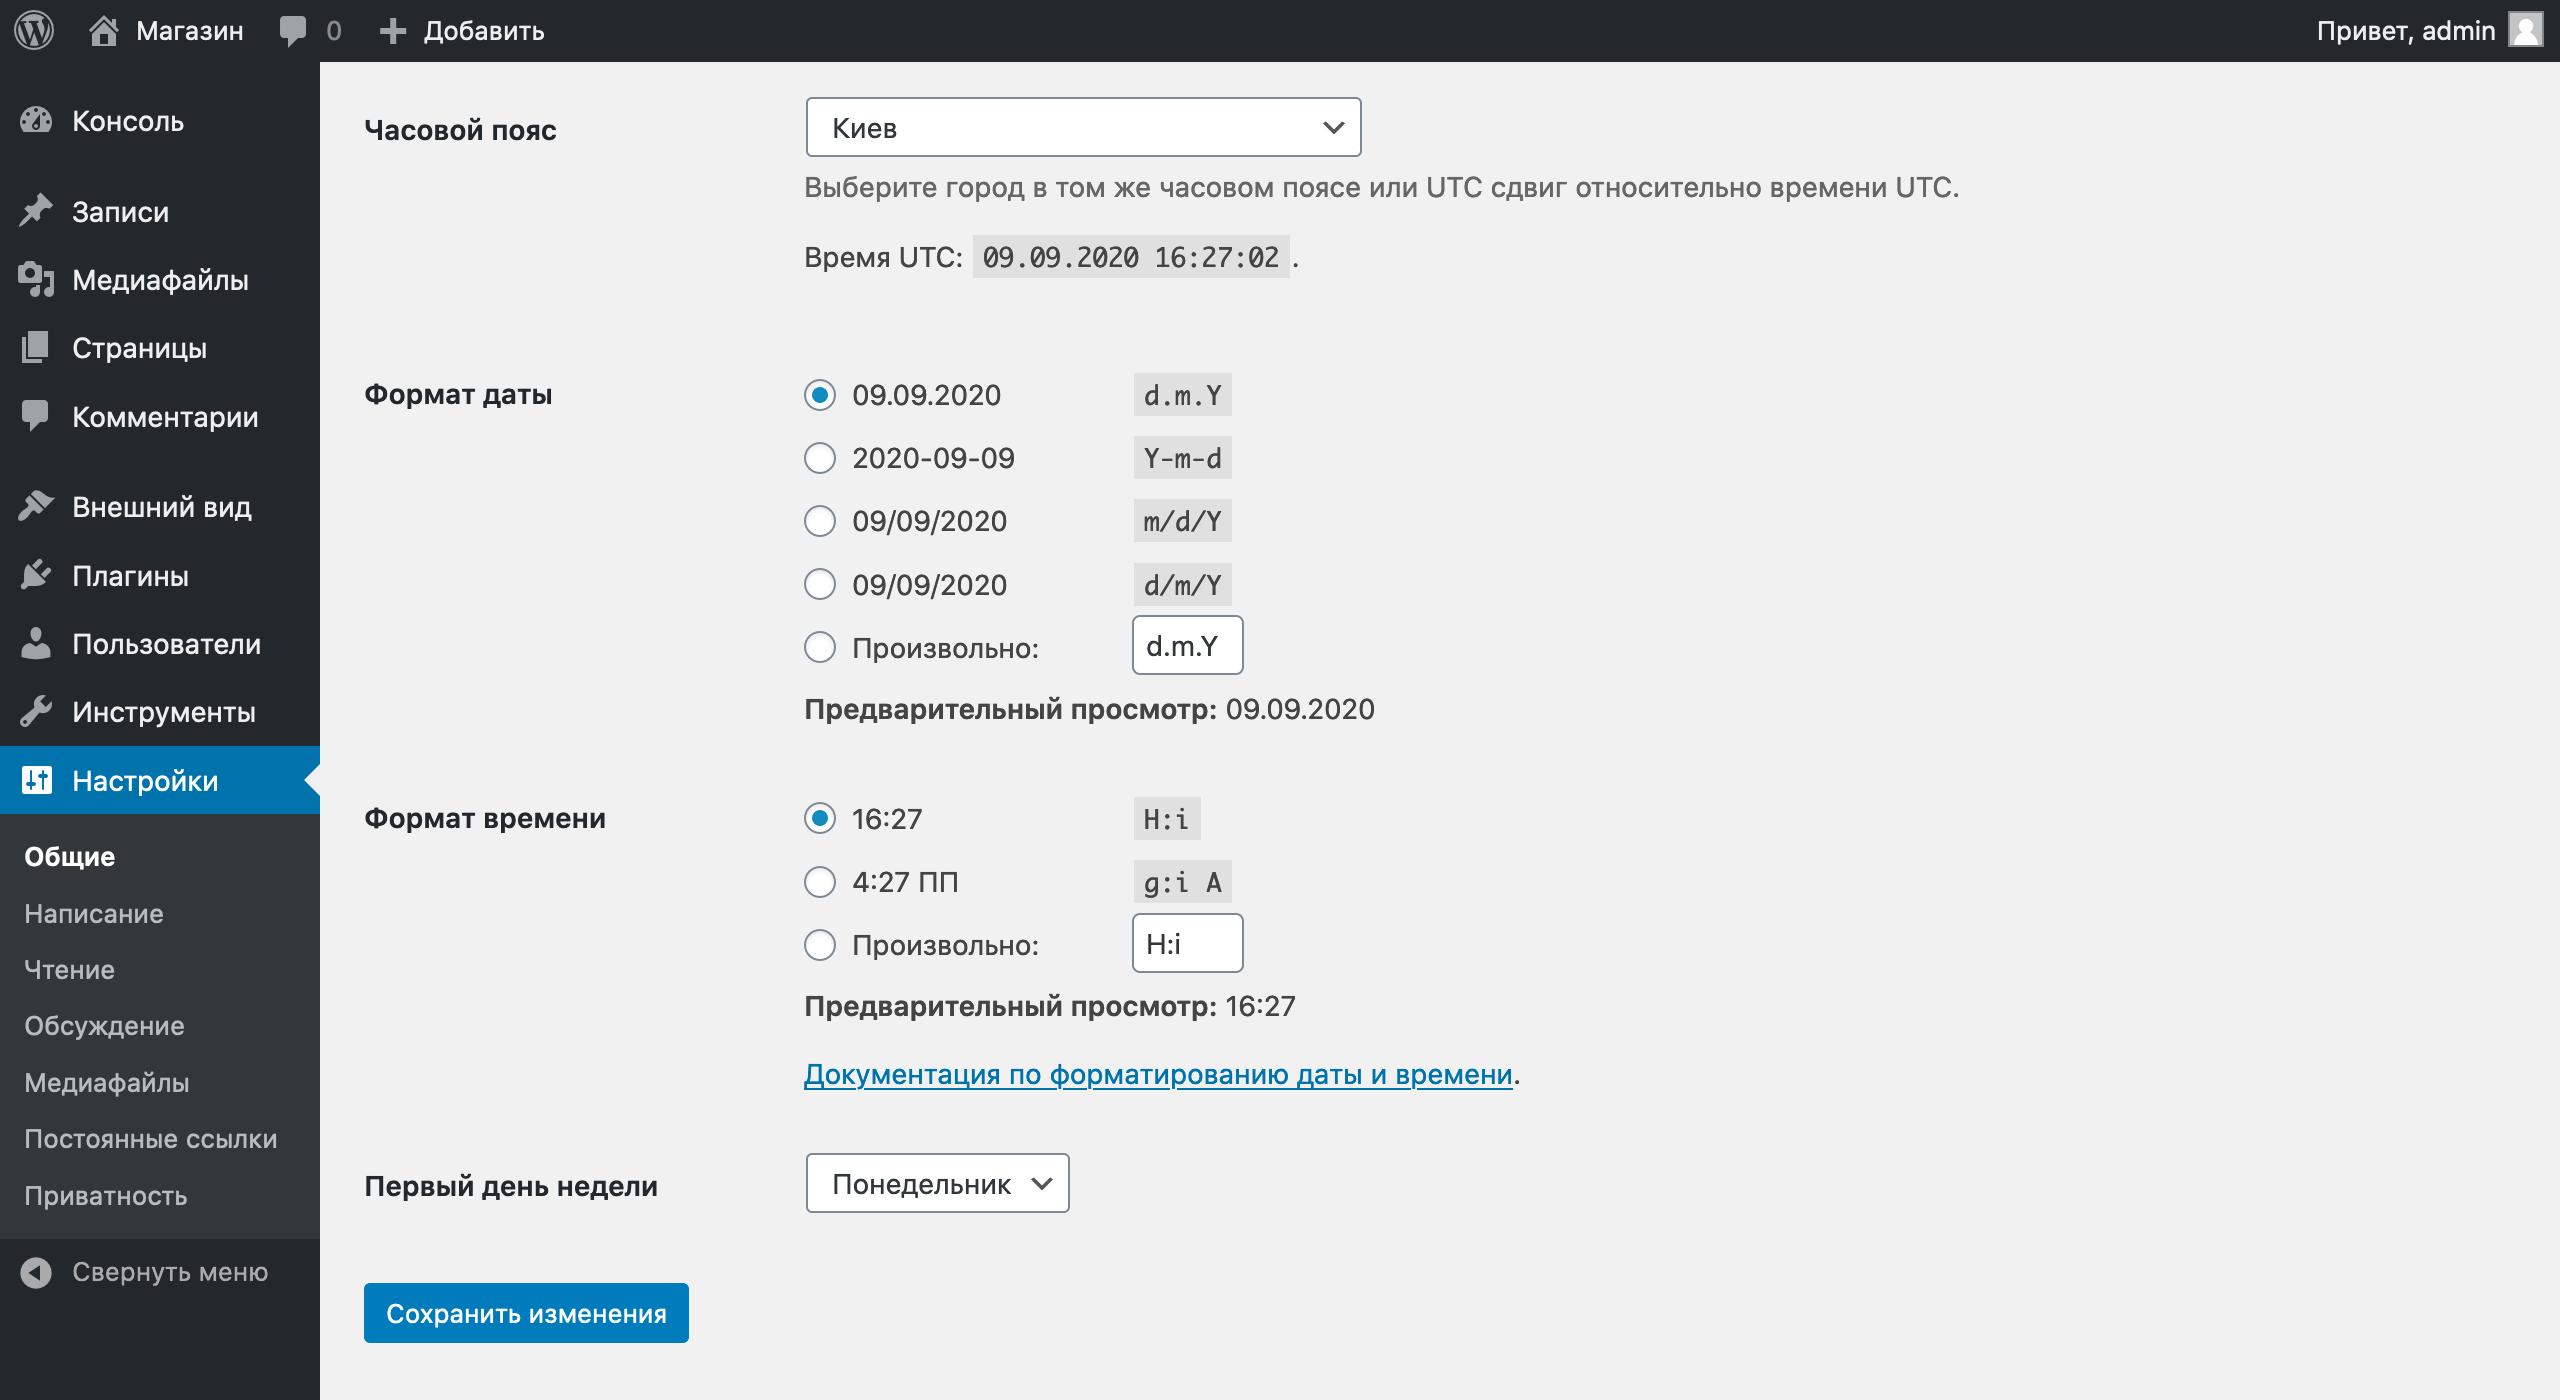 Создание интернет-магазина на CMS WordPress: часовой пояс, формат даты и времени в настройках